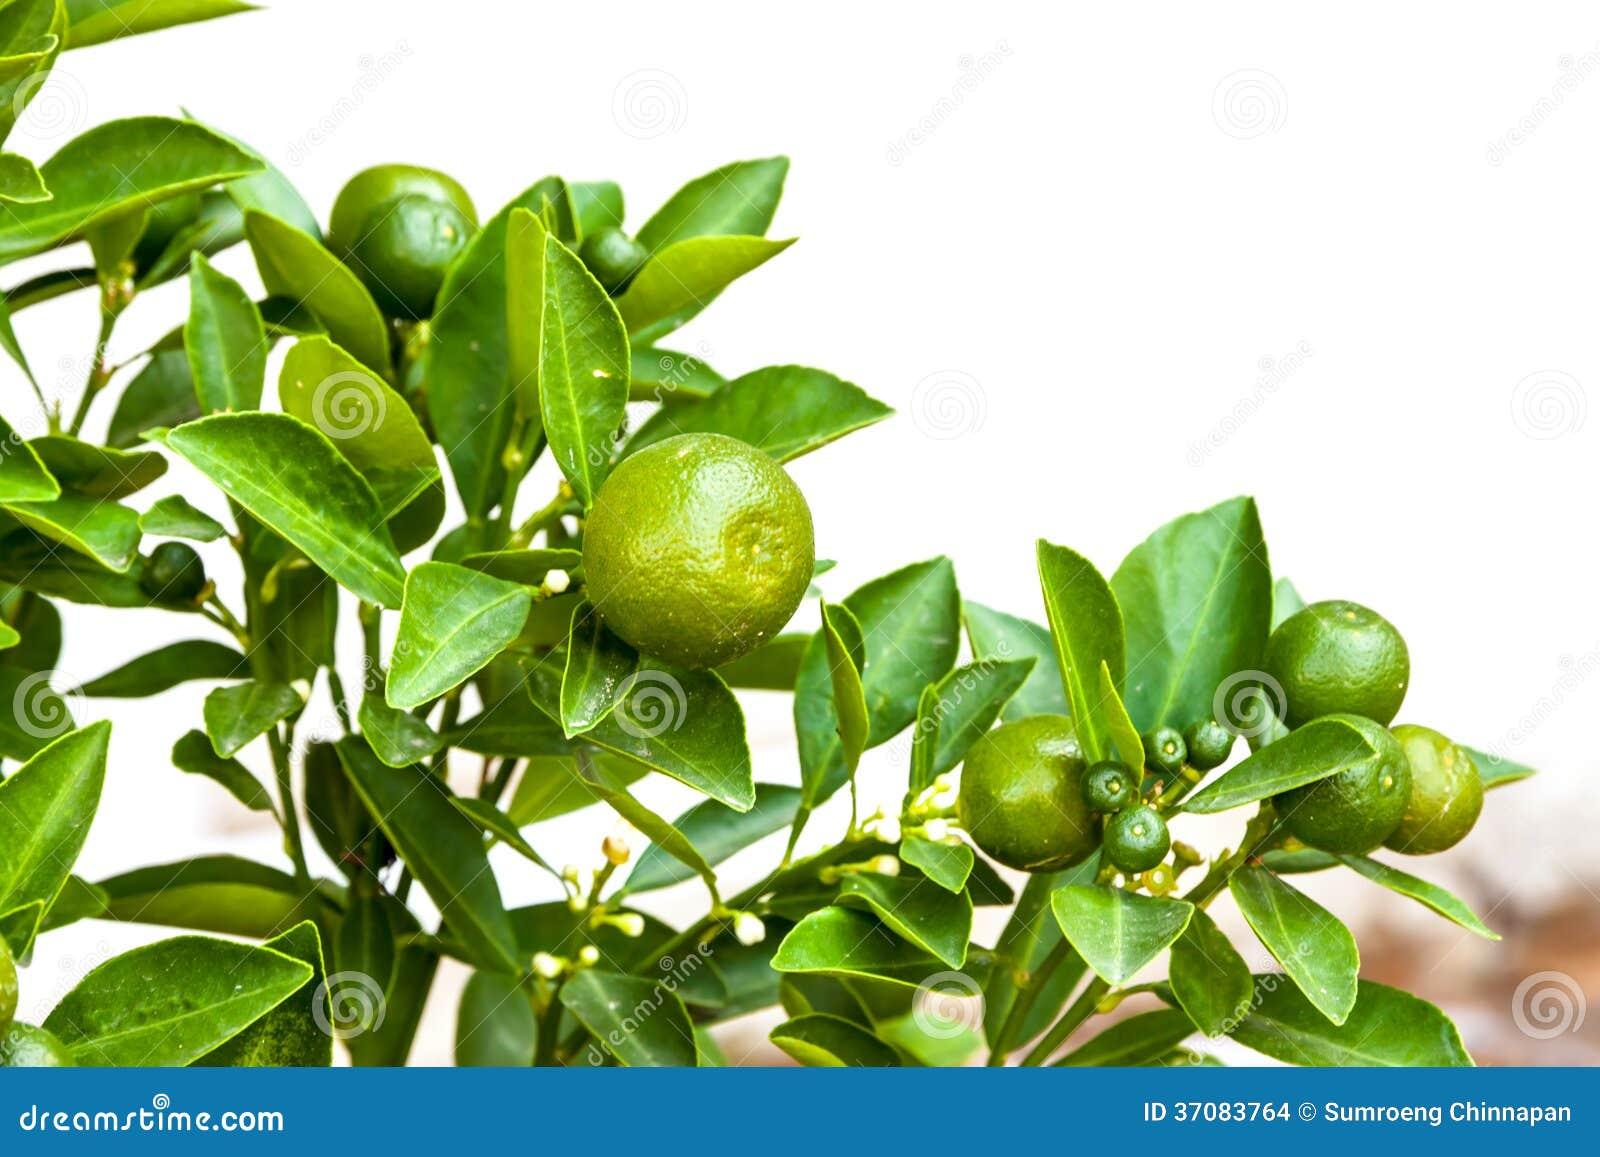 Download Pomarańczowy drzewo zdjęcie stock. Obraz złożonej z owoc - 37083764